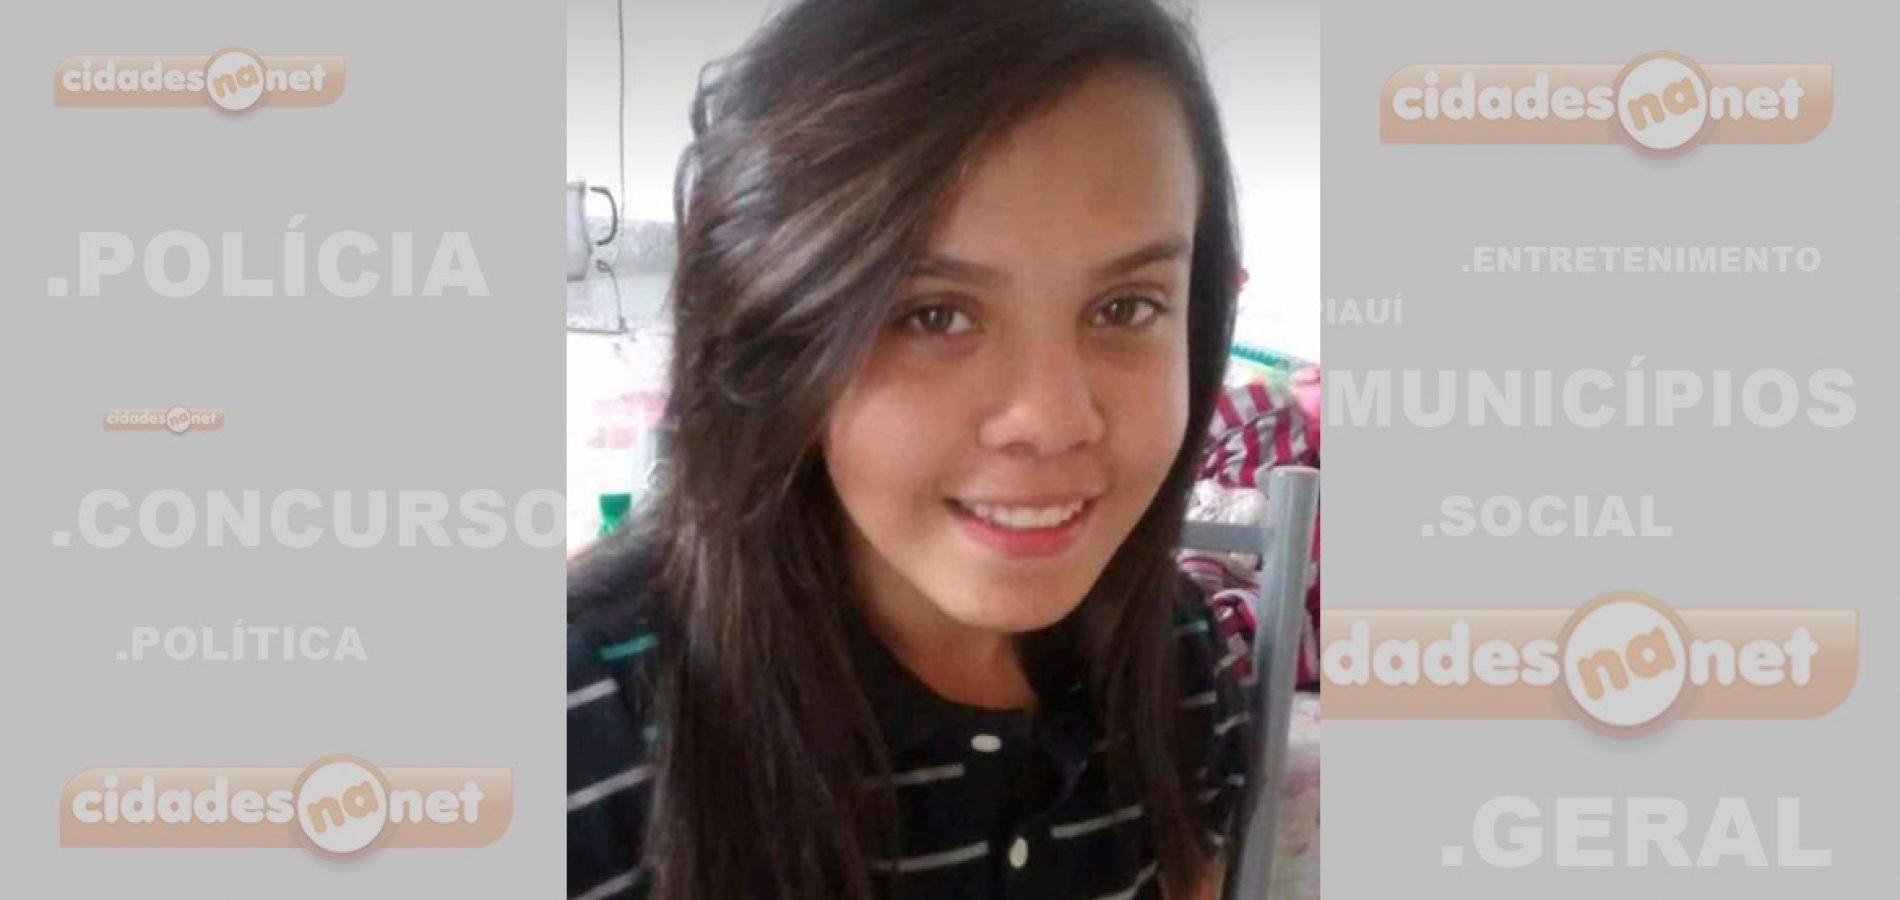 Brincadeiras teriam motivado assassinato de menina de 14 anos em Simplício Mendes